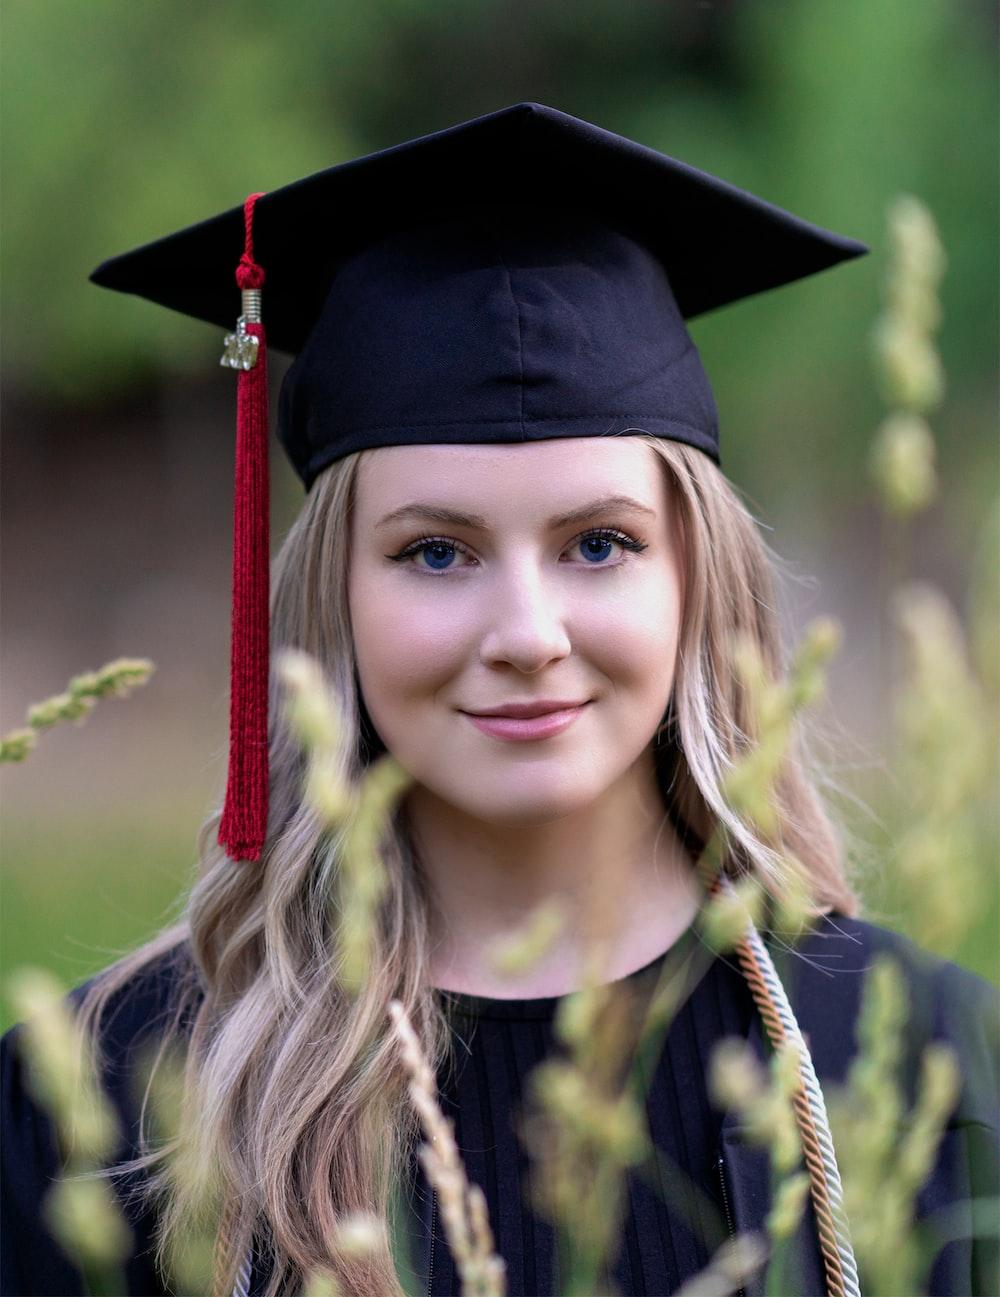 smiling girl wearing academic dress